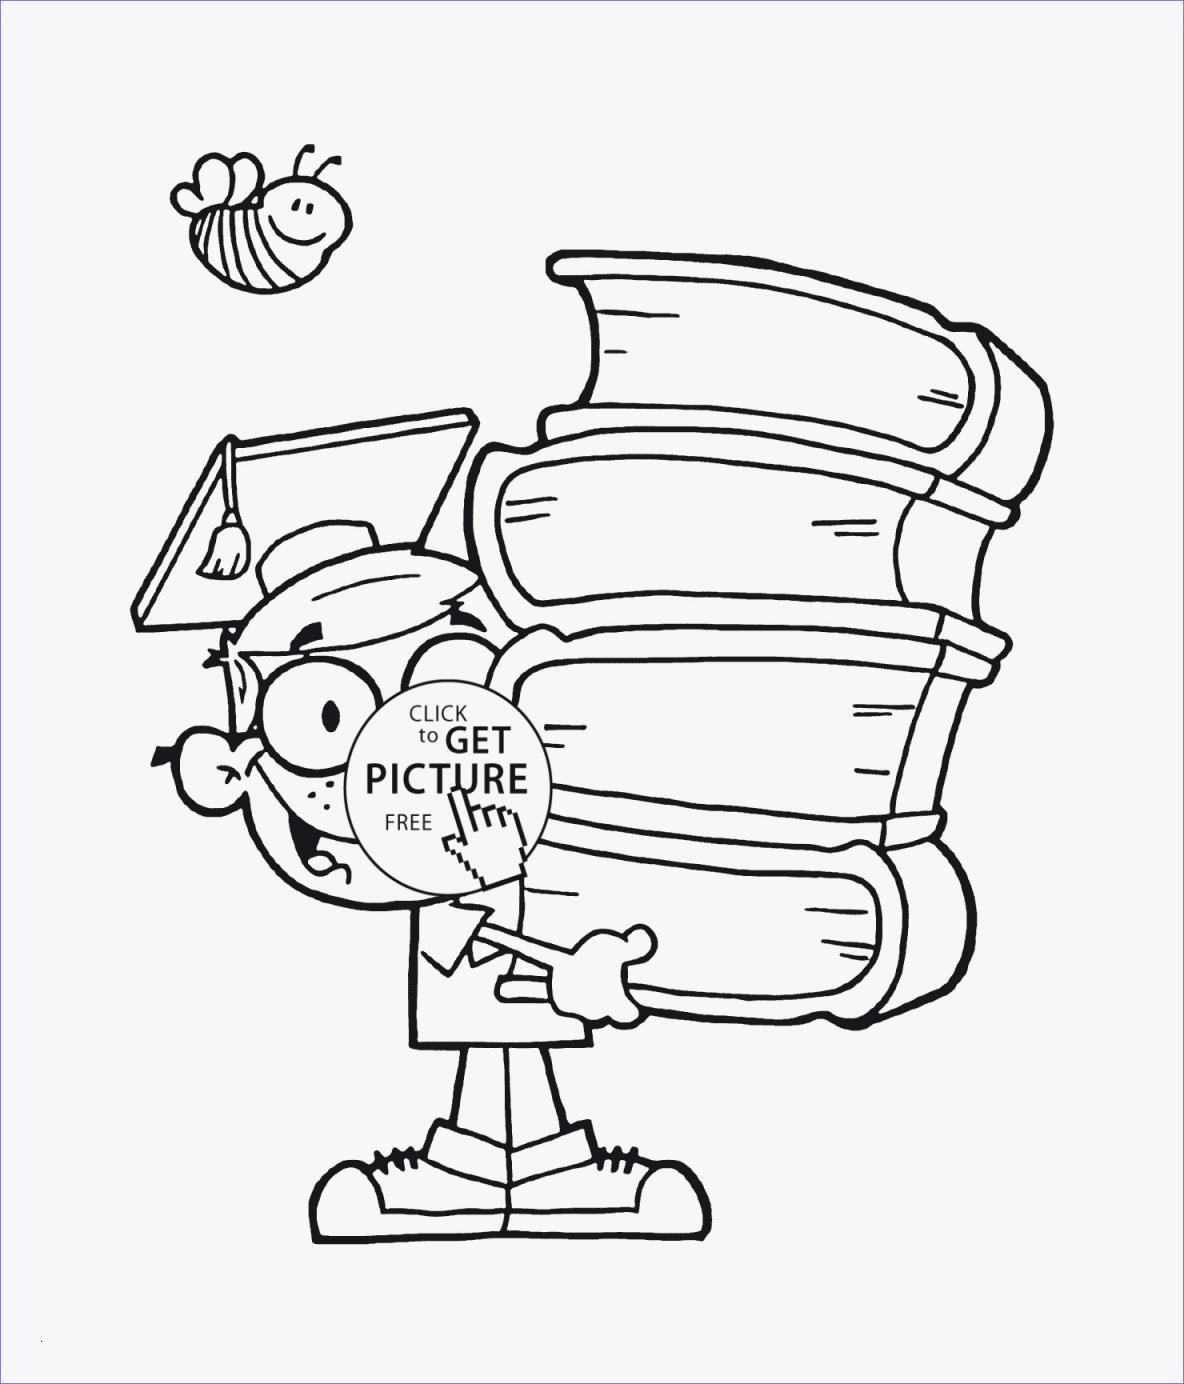 Mario Kart Ausmalbild Frisch Malvorlagen Zum Ausdrucken Erwachsene Archives forstergallery Sammlung